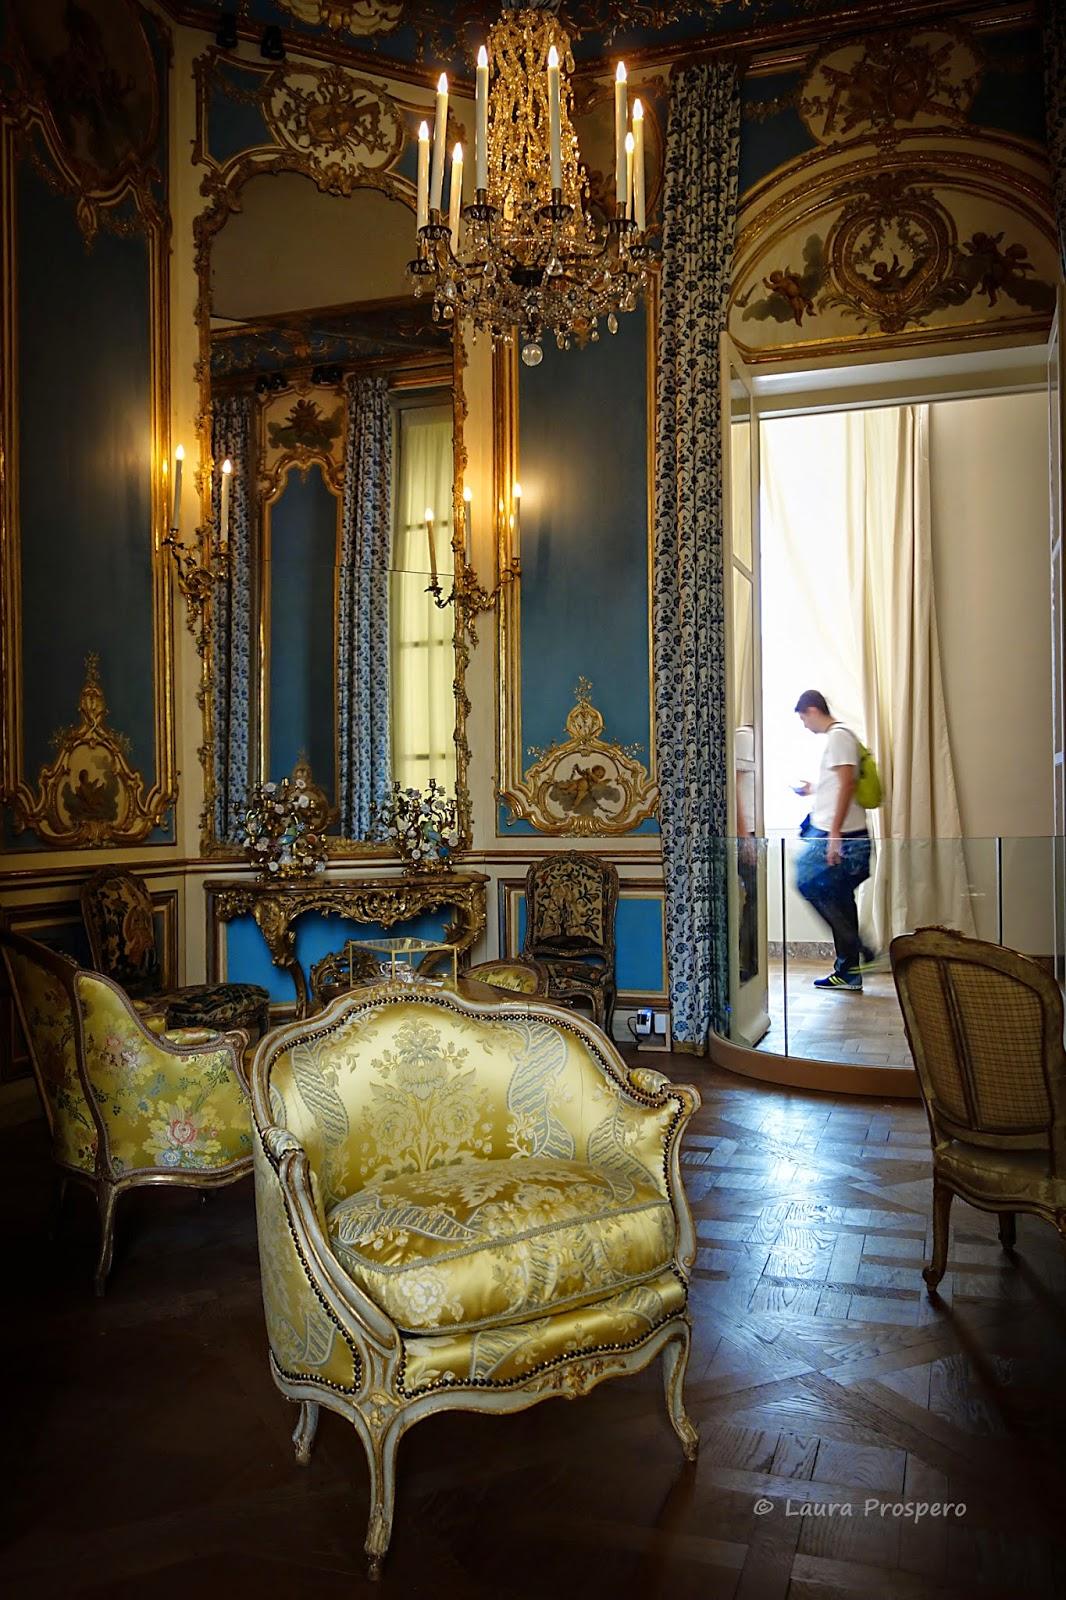 Cabinet de l'appartement de l'hôtel Dangé (vers 1750) - Musée du Louvre © Laura Prospero